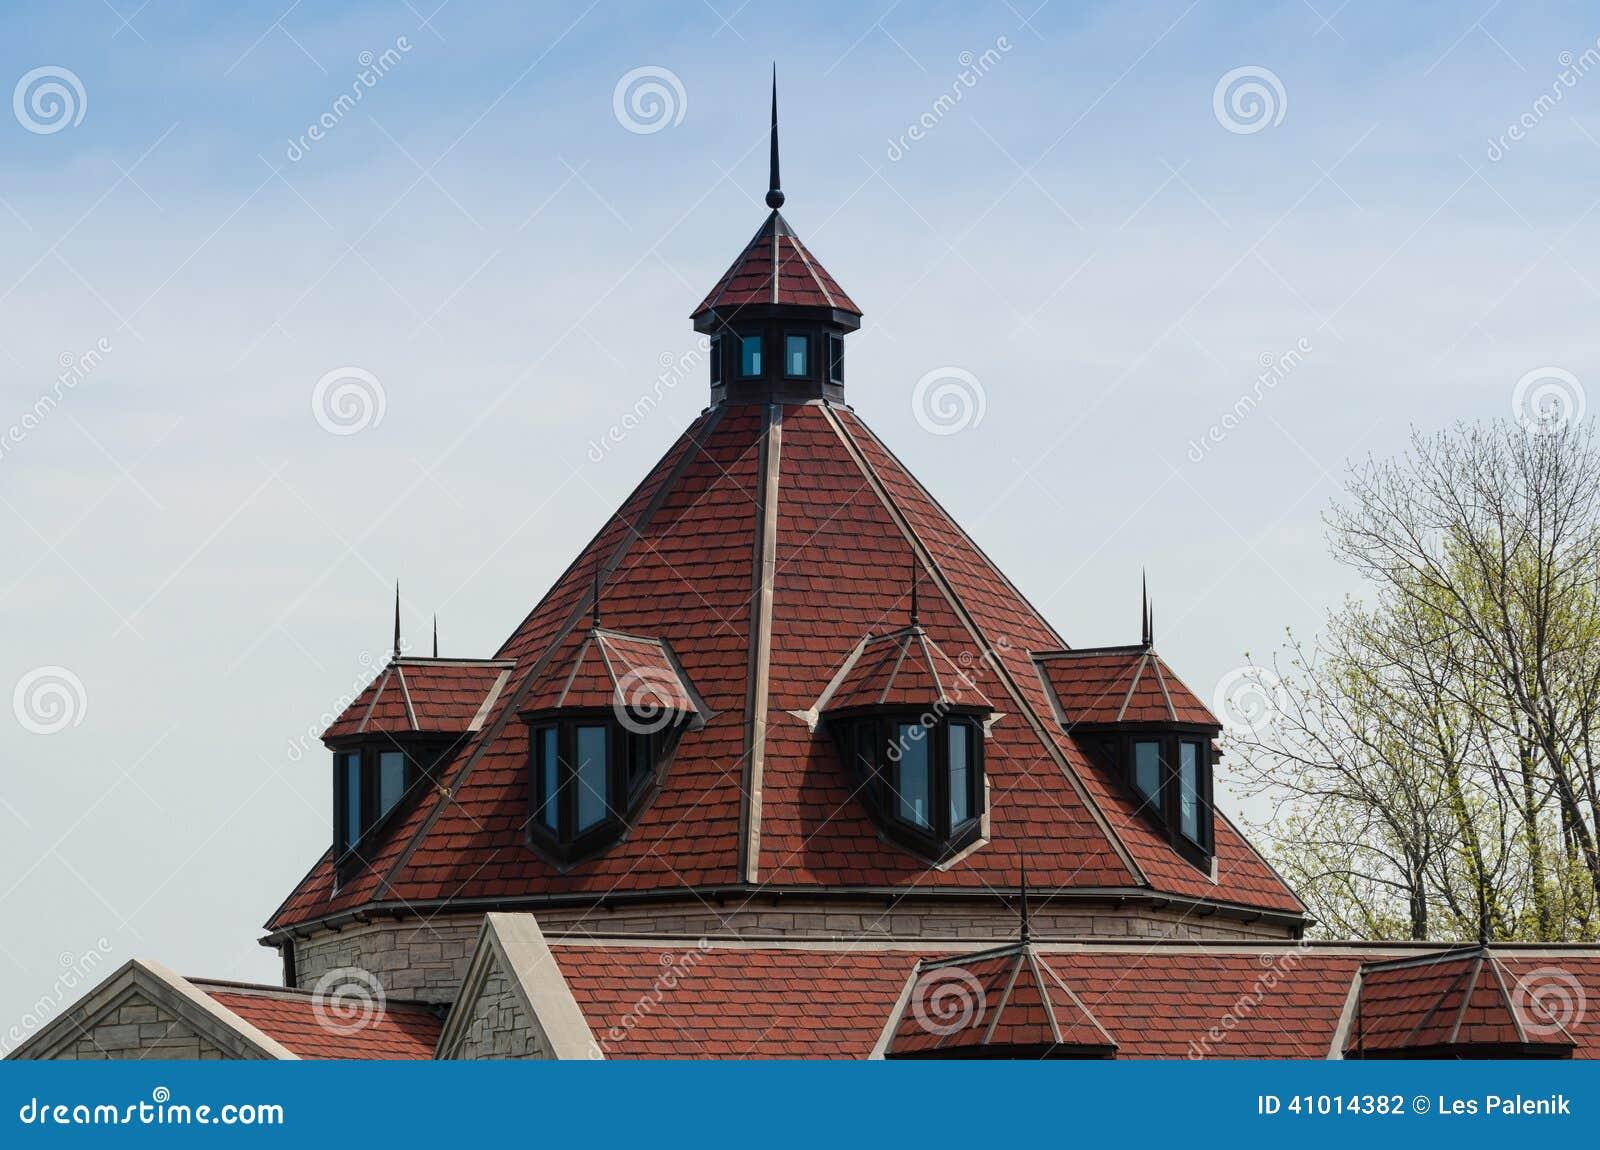 Оригинальная кровля и дизайнерские крыши : Стилизация кровли коттеджа под 5